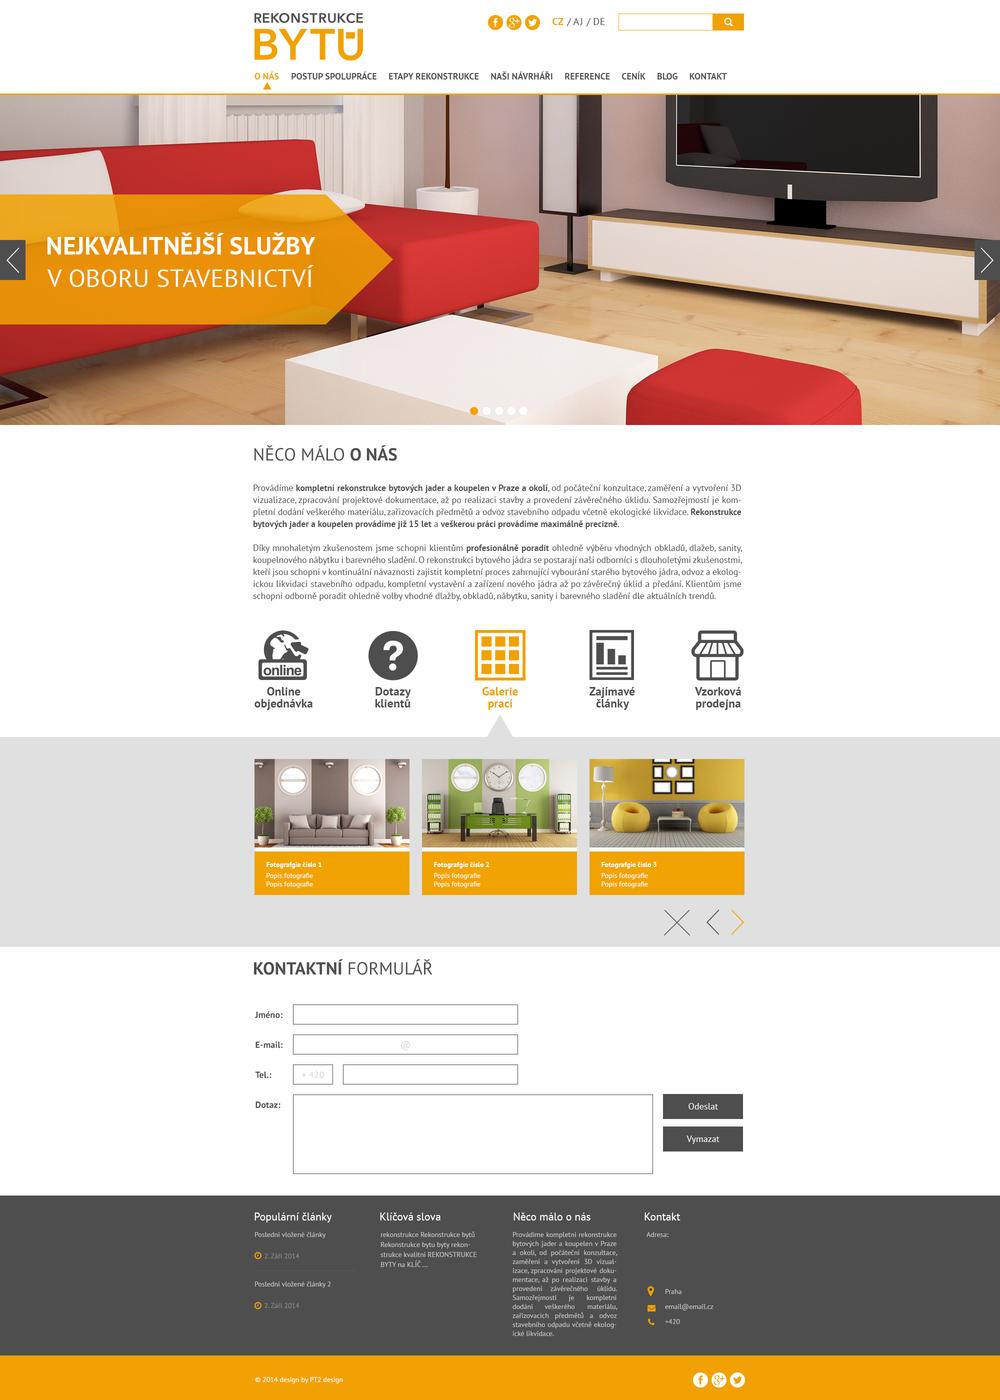 Web_rekonstrukce_bytu_Praha_PSD.jpg